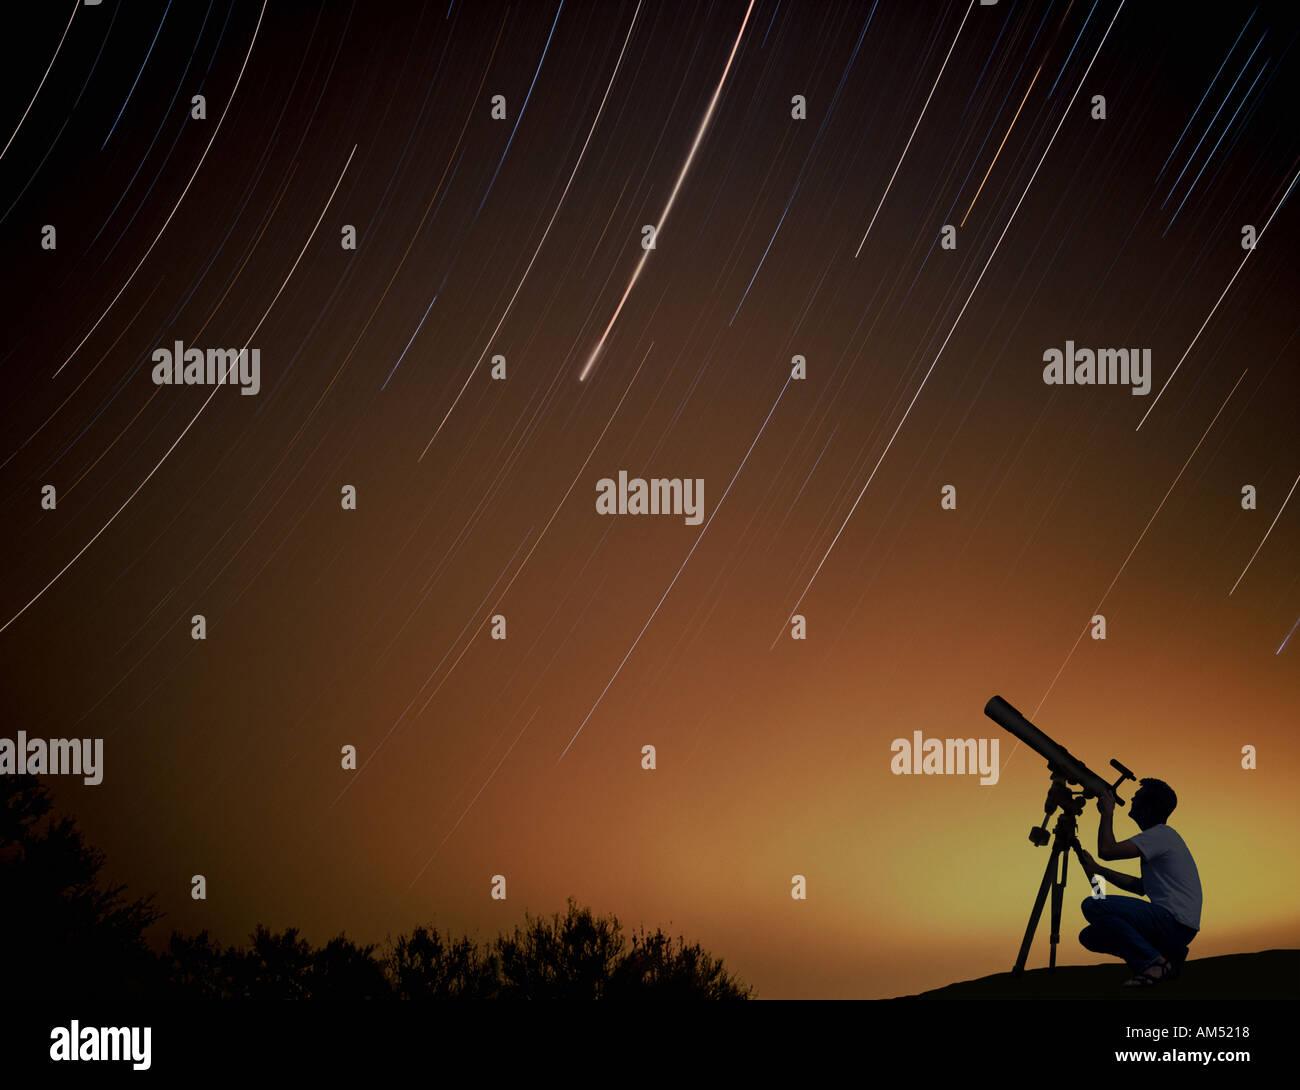 Un uomo con un telescopio che guarda il cielo di notte. Tracce stellari nel cielo notturno effettuate durante una lunga esposizione. Immagini Stock